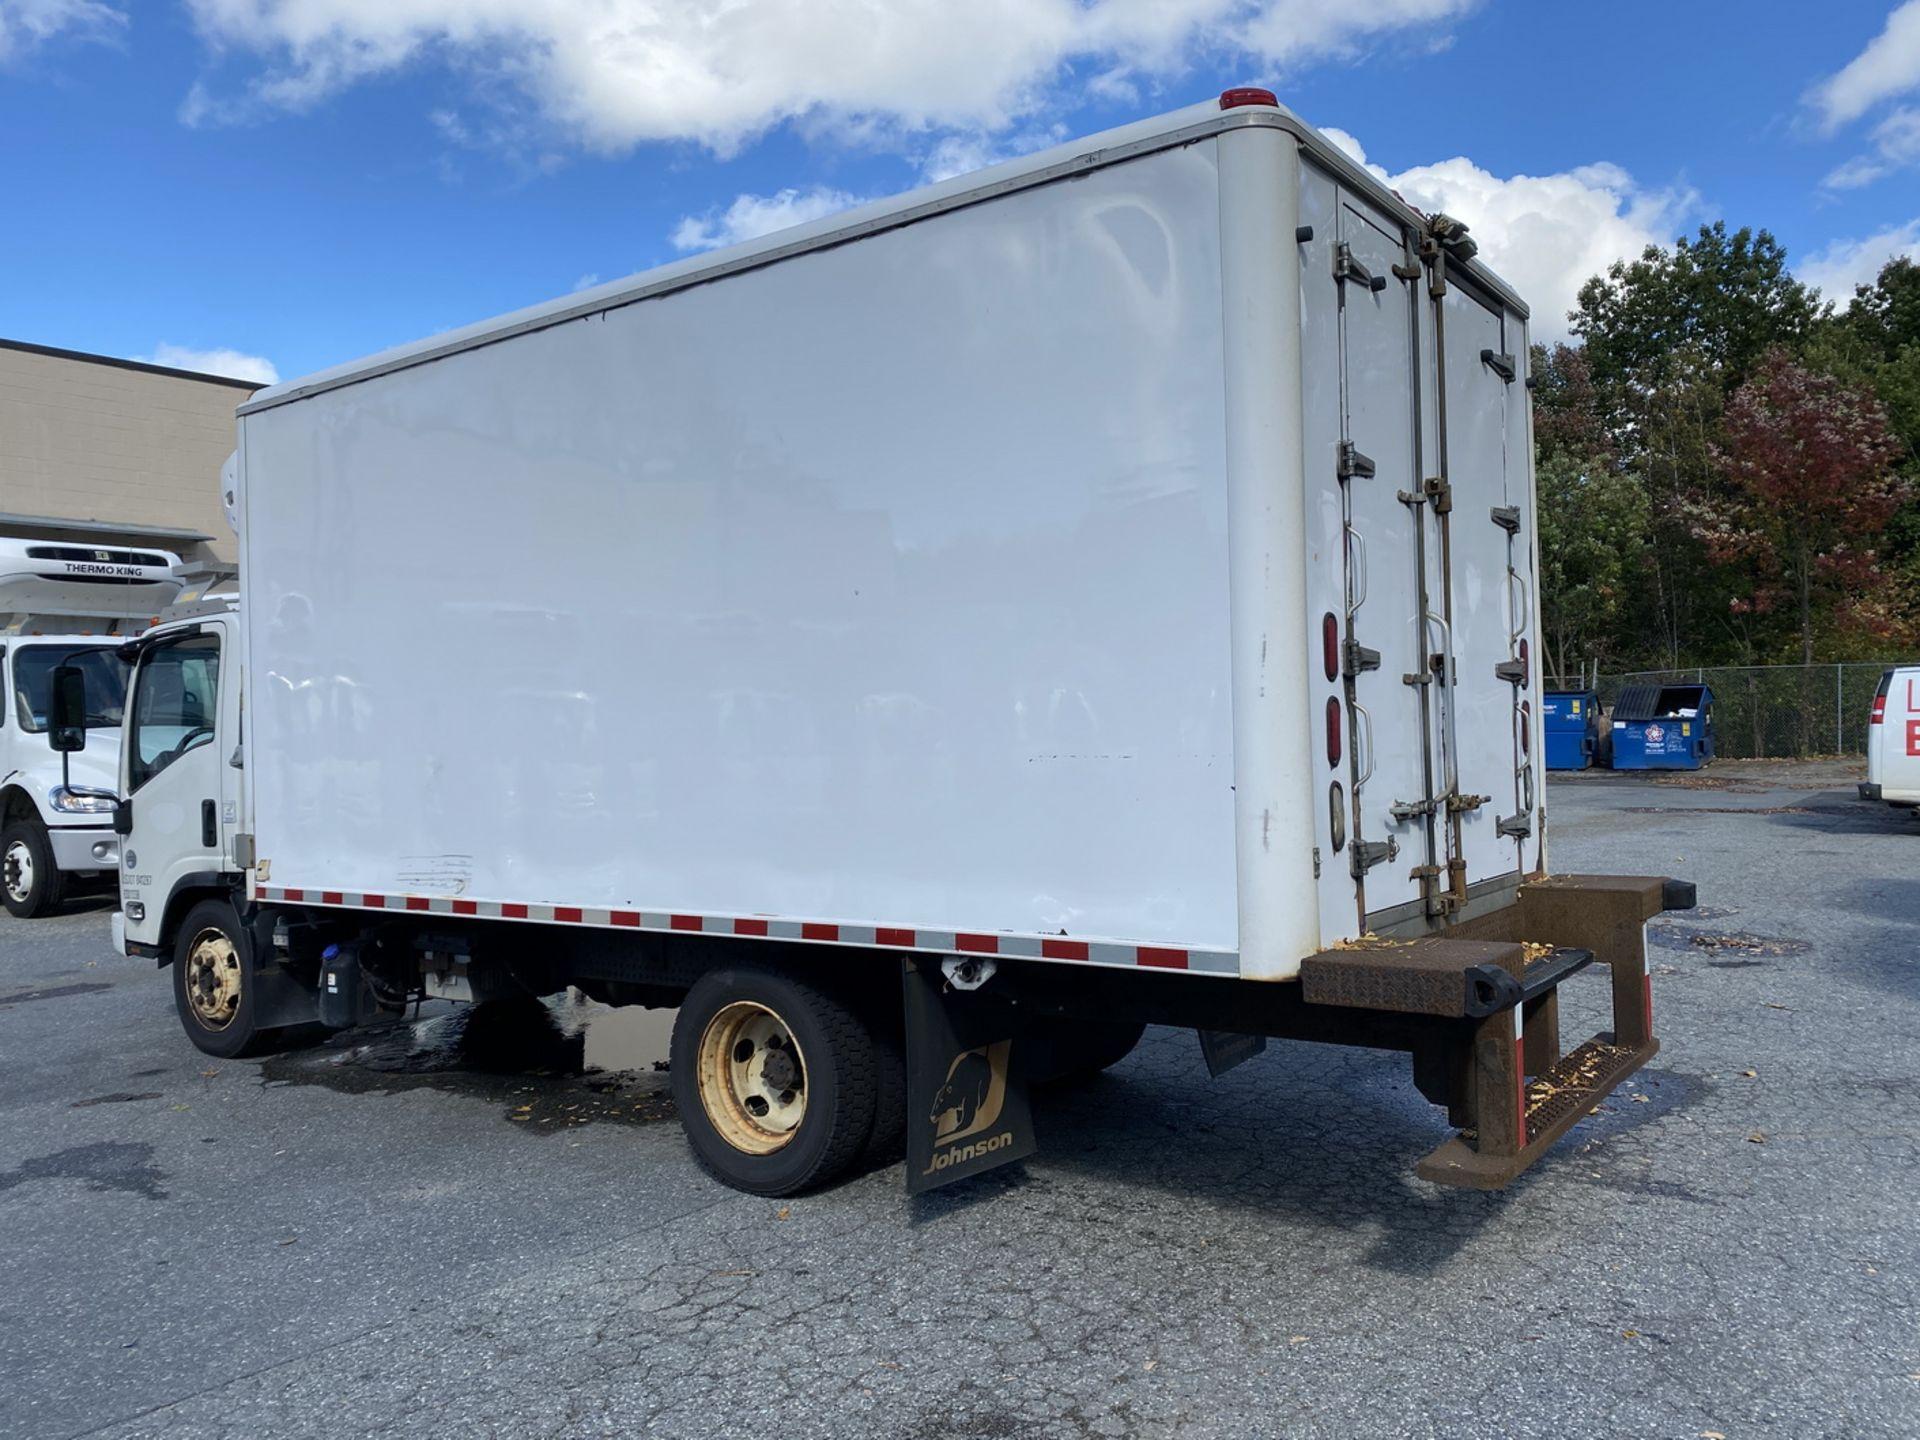 2014 Isuzu refrigerated truck - Image 3 of 9